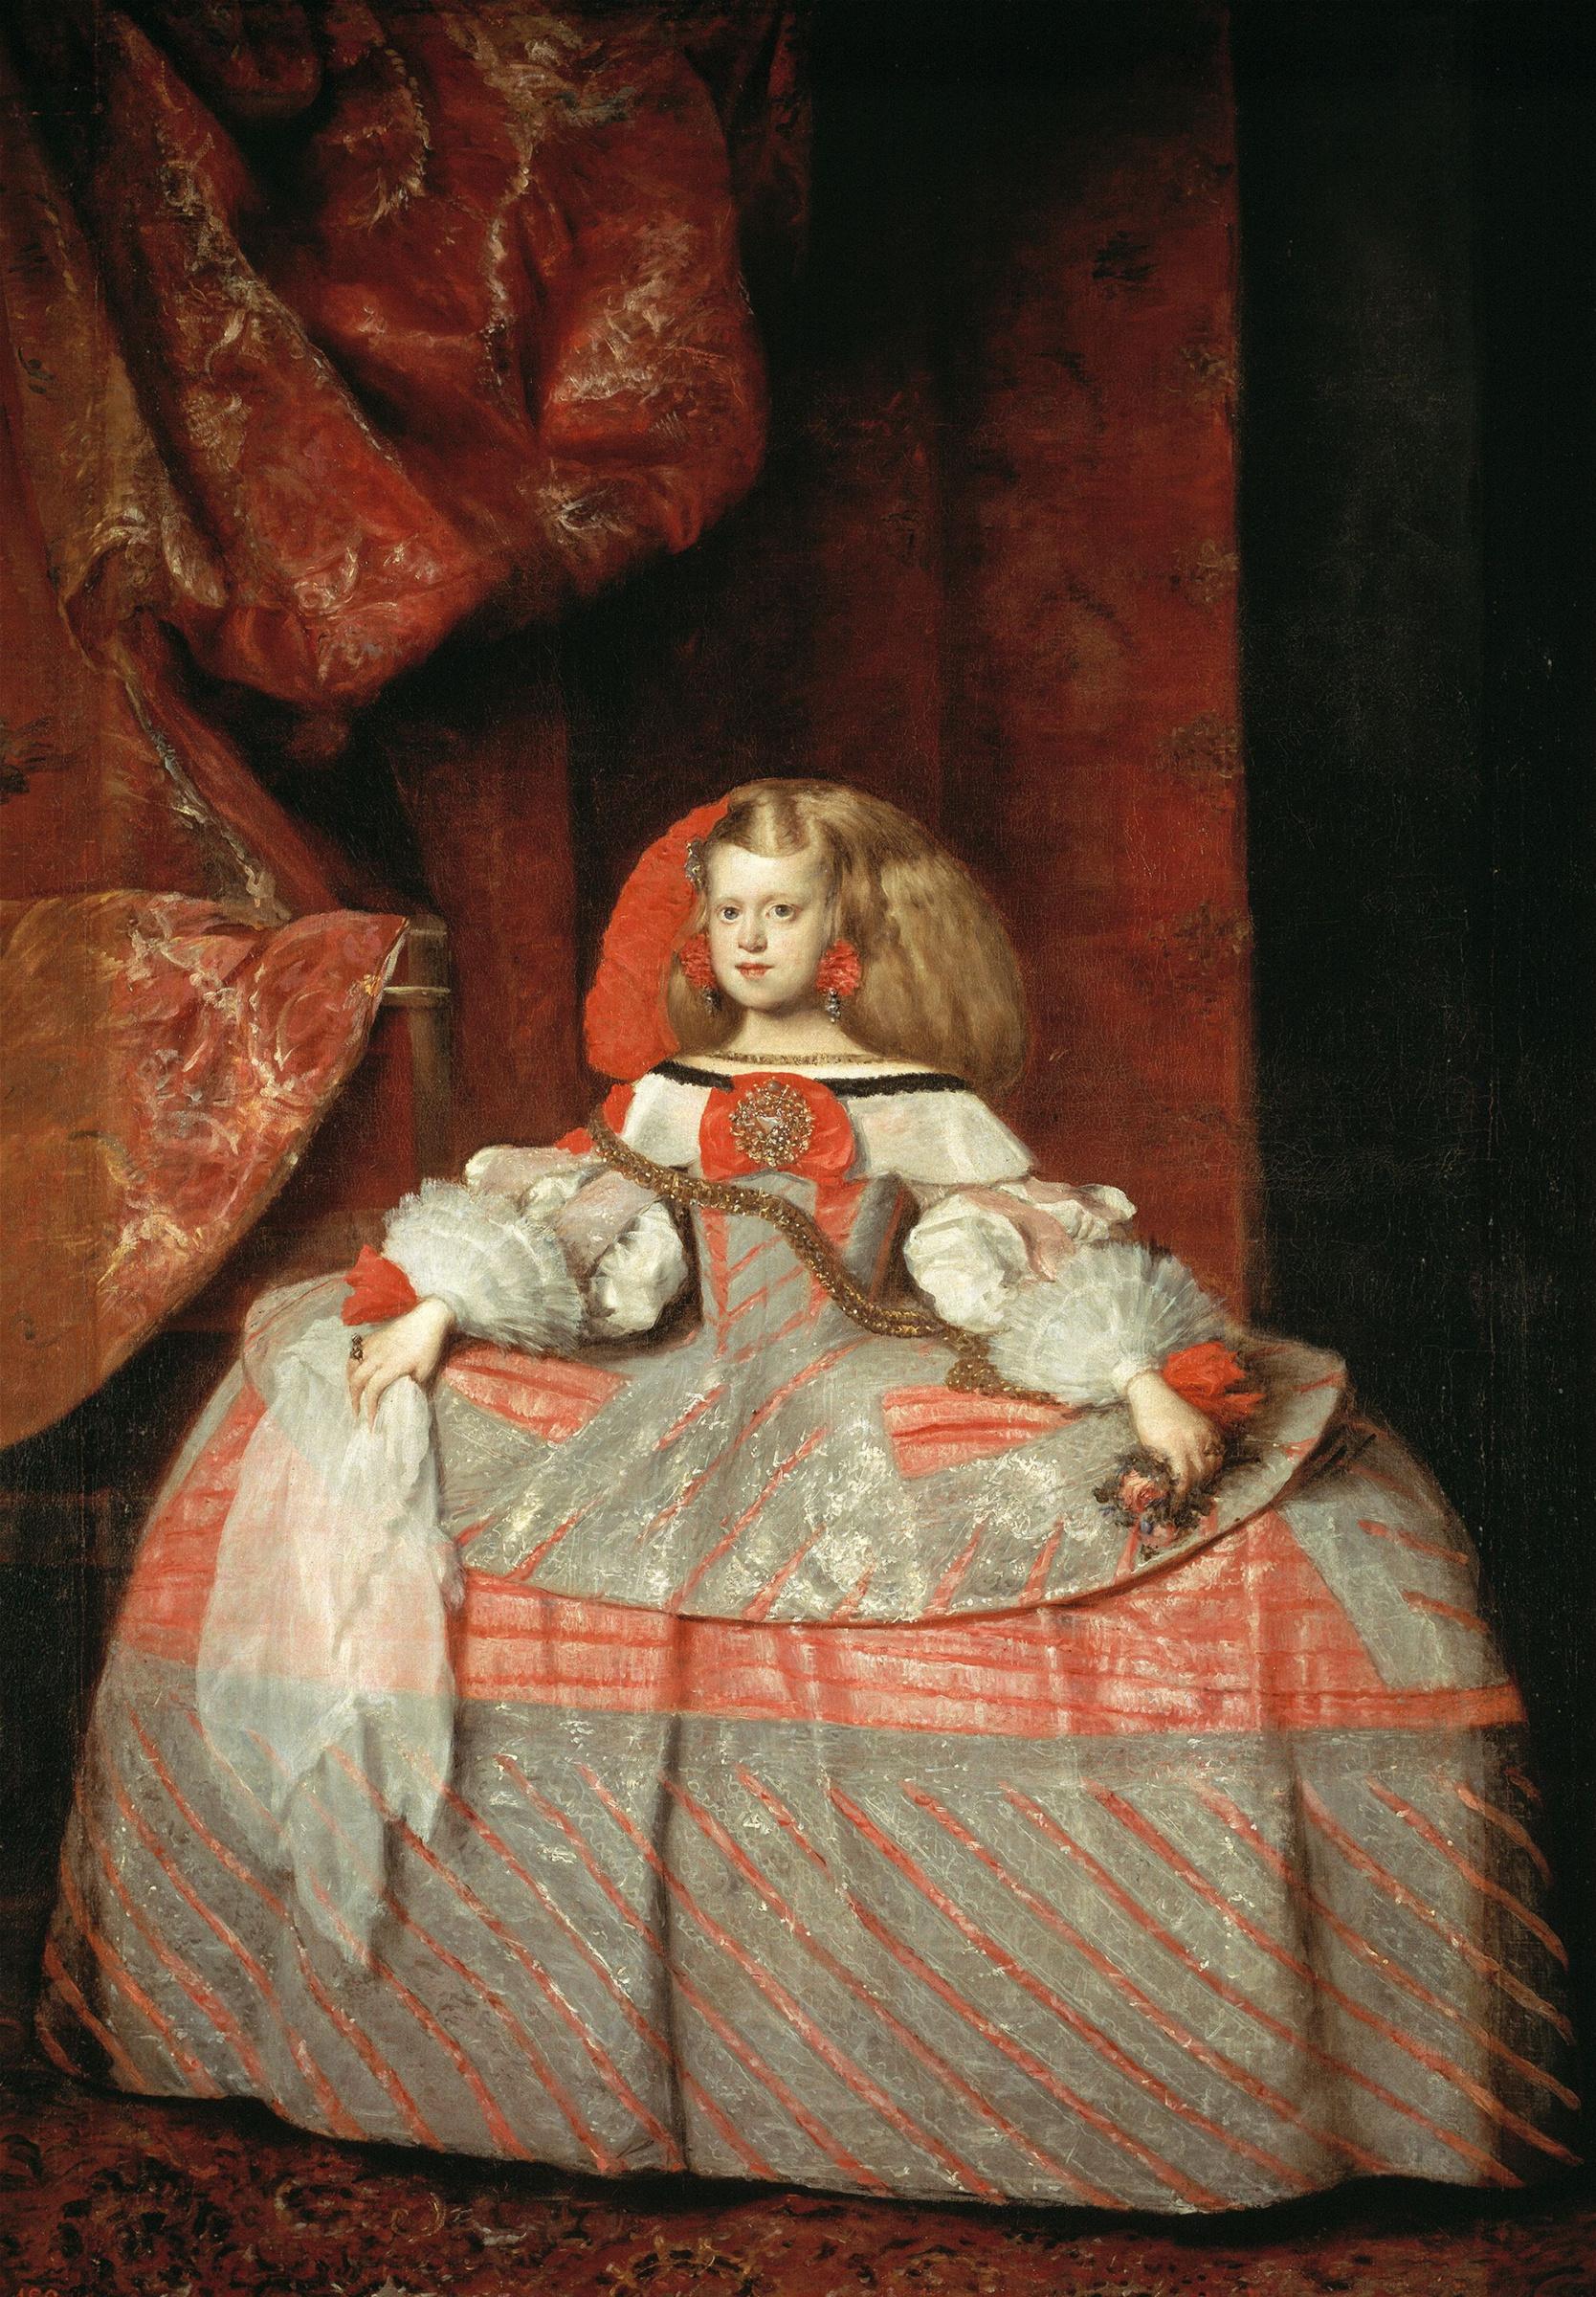 Хуан Батиста Мартинес дель Масо. Портрет инфанты Маргариты в детстве